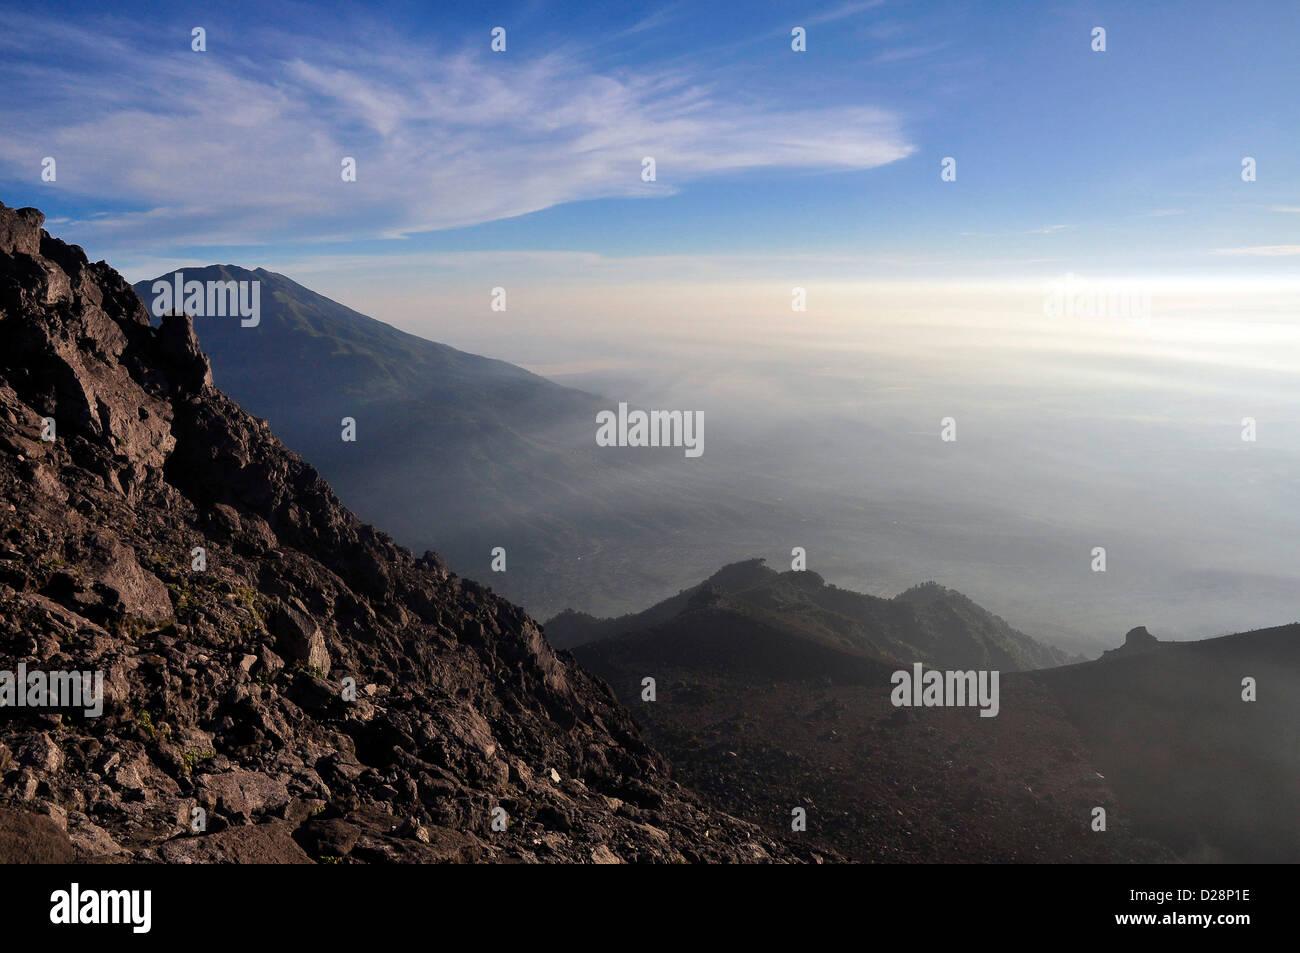 Mt. Merbabu volcano, Central Java, Indonesia from Merapi volcano - Stock Image